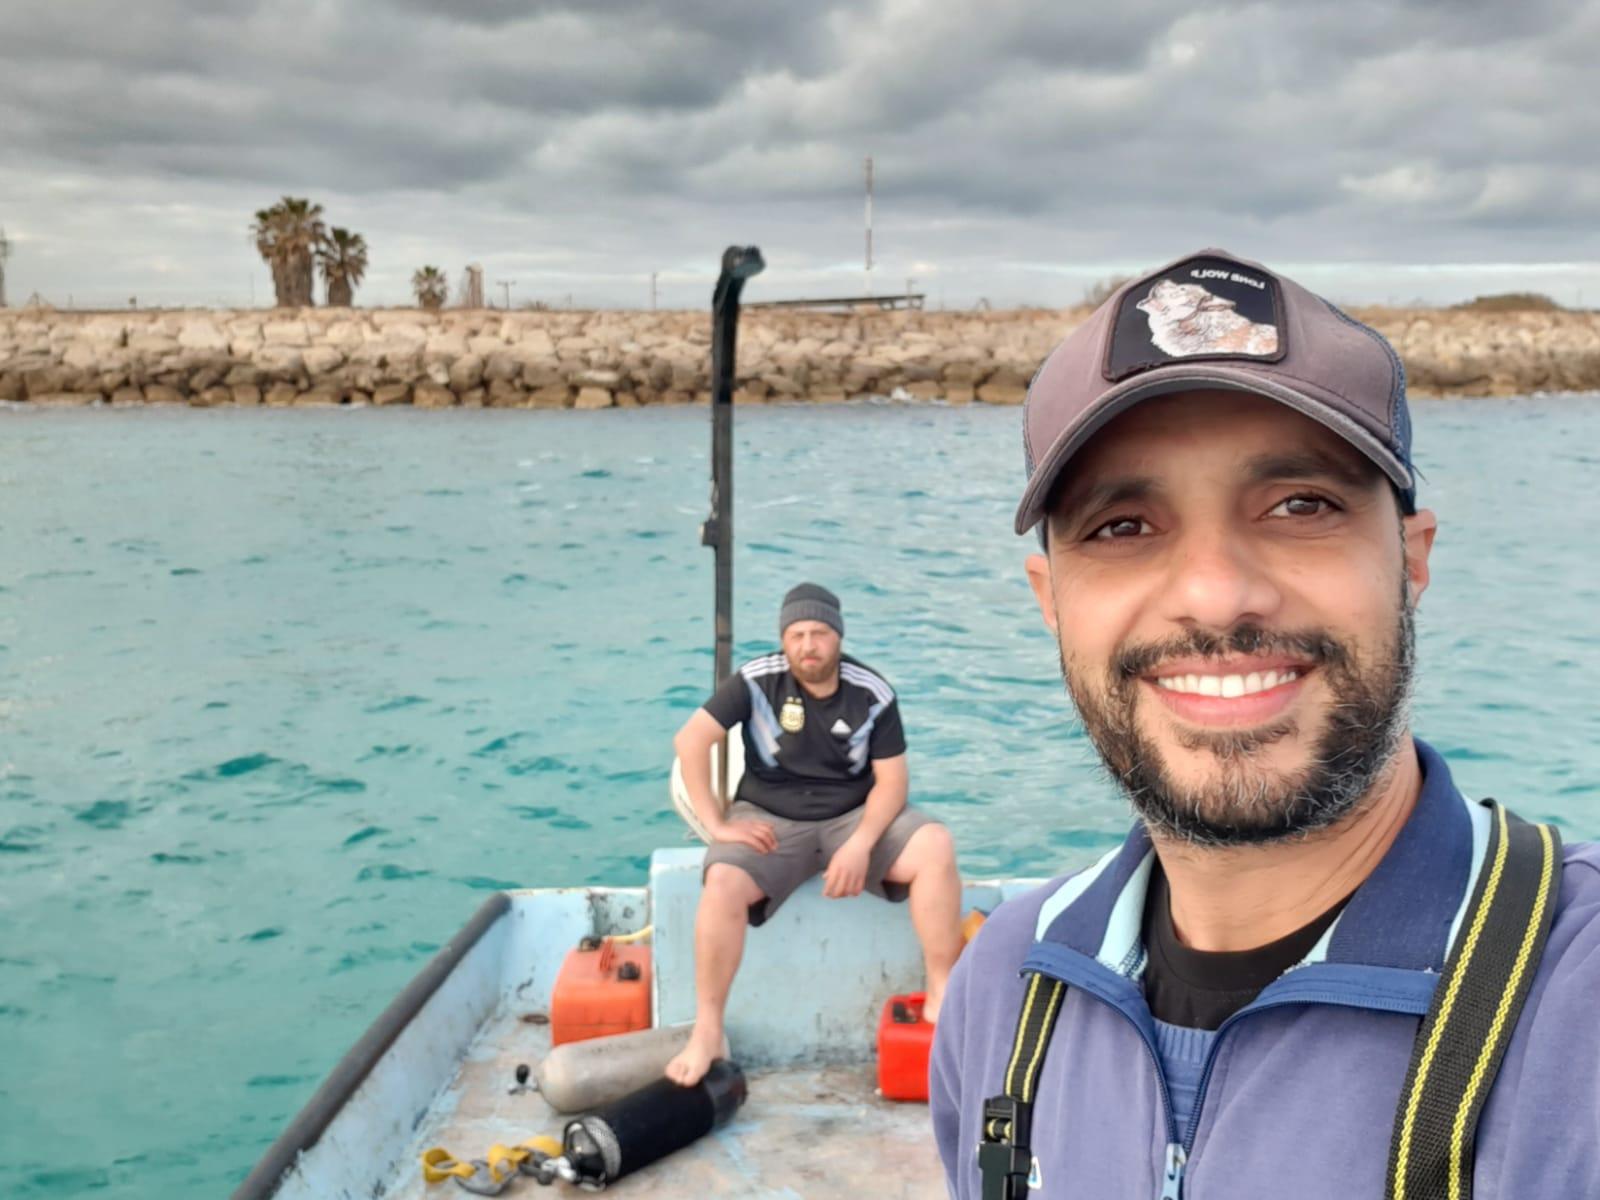 סמי אלעלי מאגוד הדייגים (צילום: עומר שרביט)